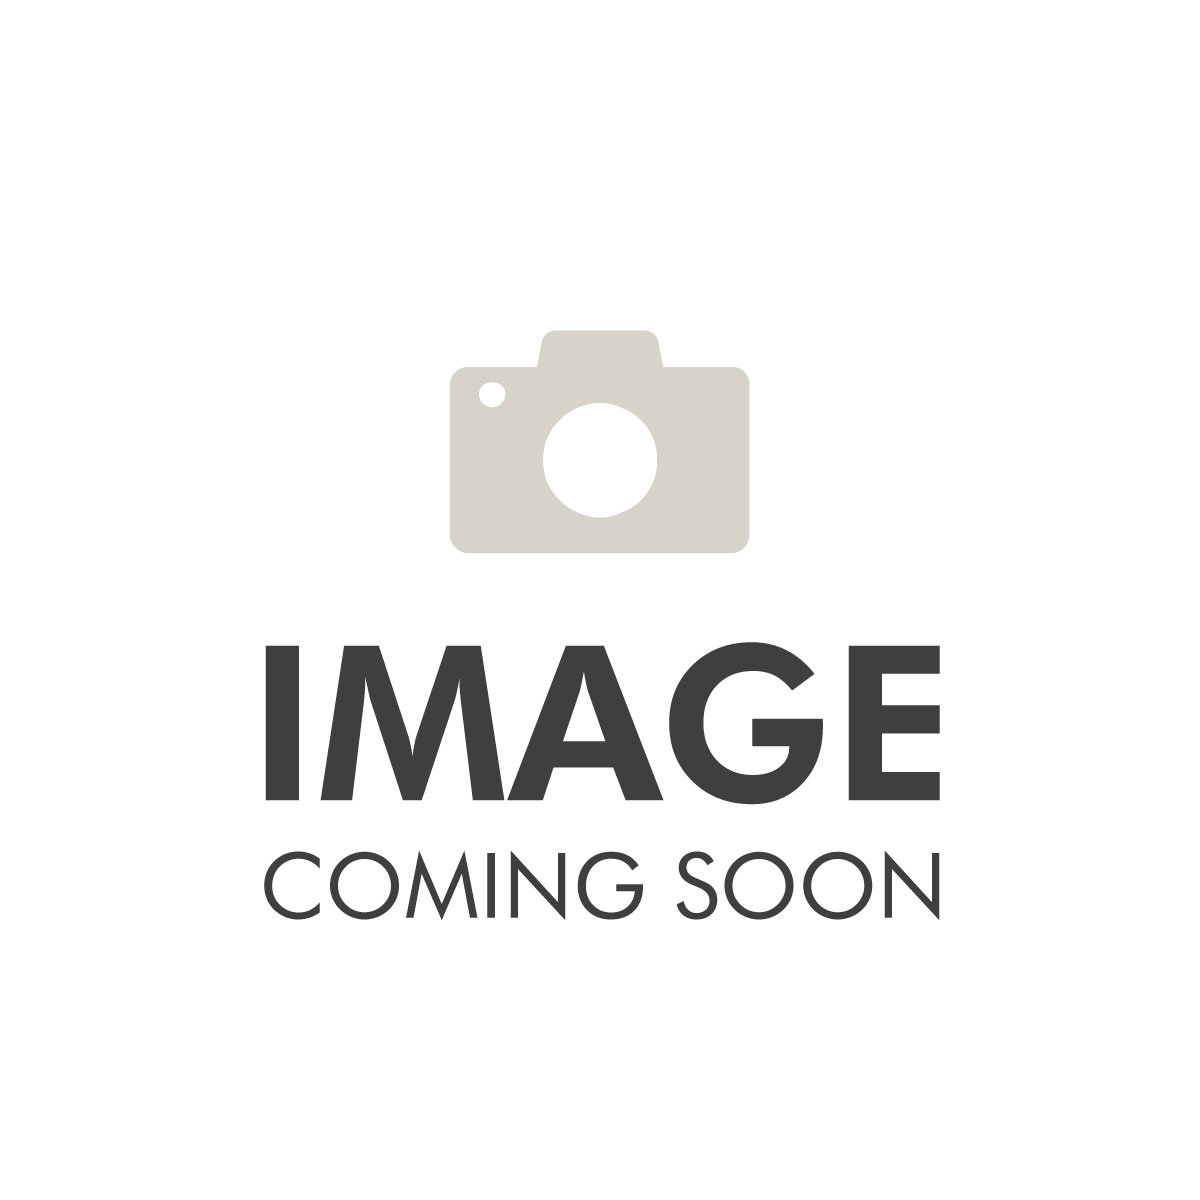 Uhlmann - Ressort de contact de pointe d'épée (10-Pack)